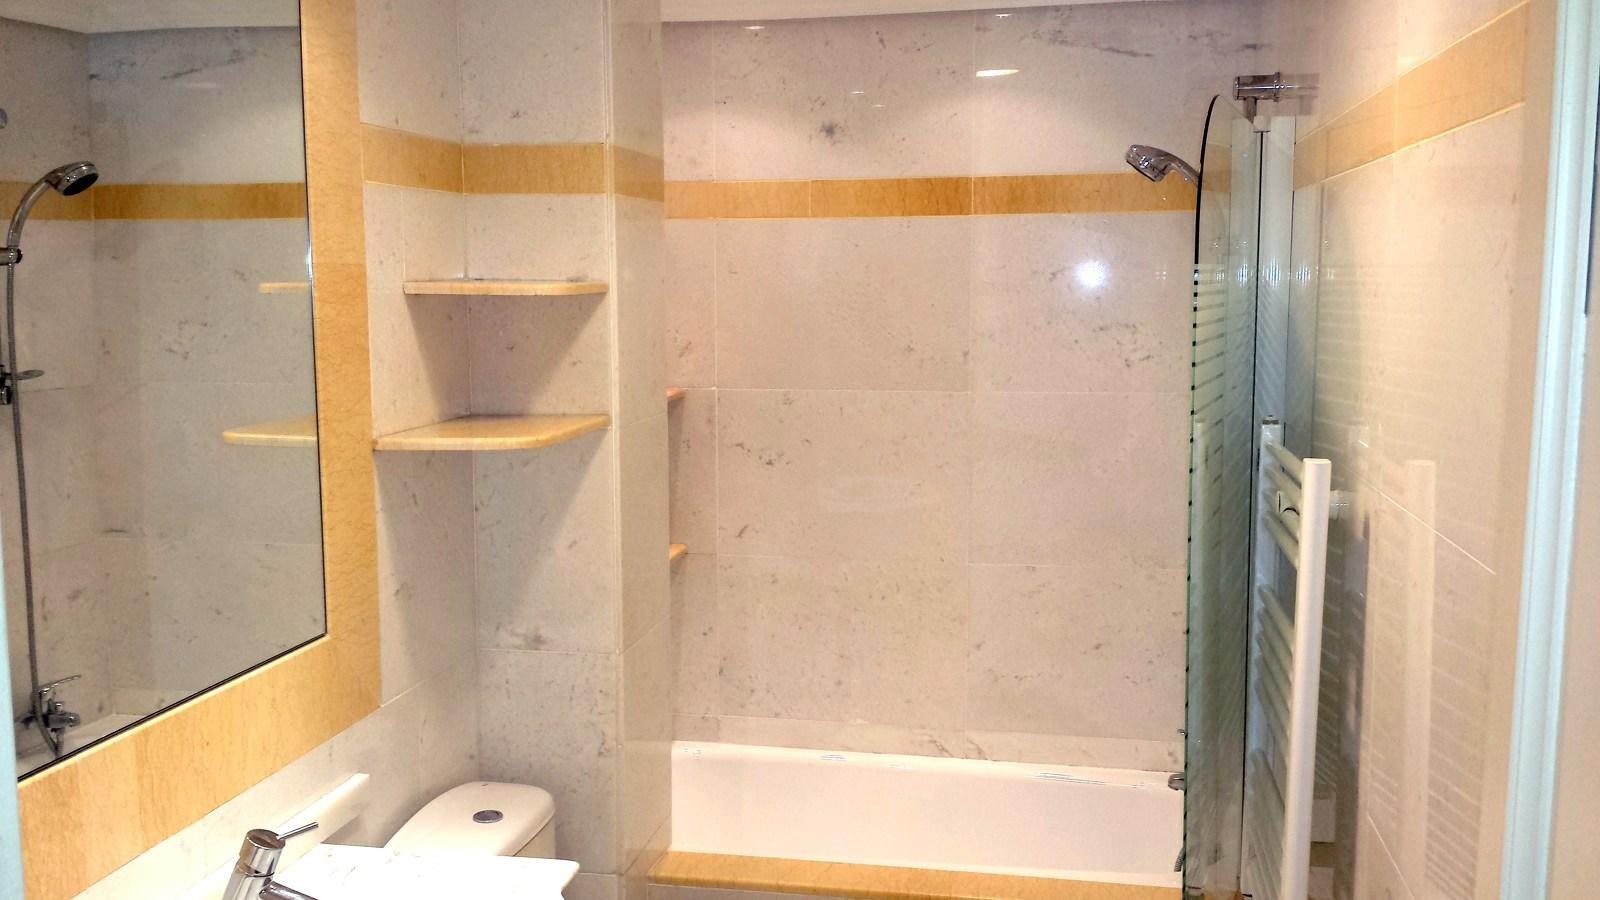 Foto ba o marmol blanco de reforma restaura 434696 for Marmol blanco real